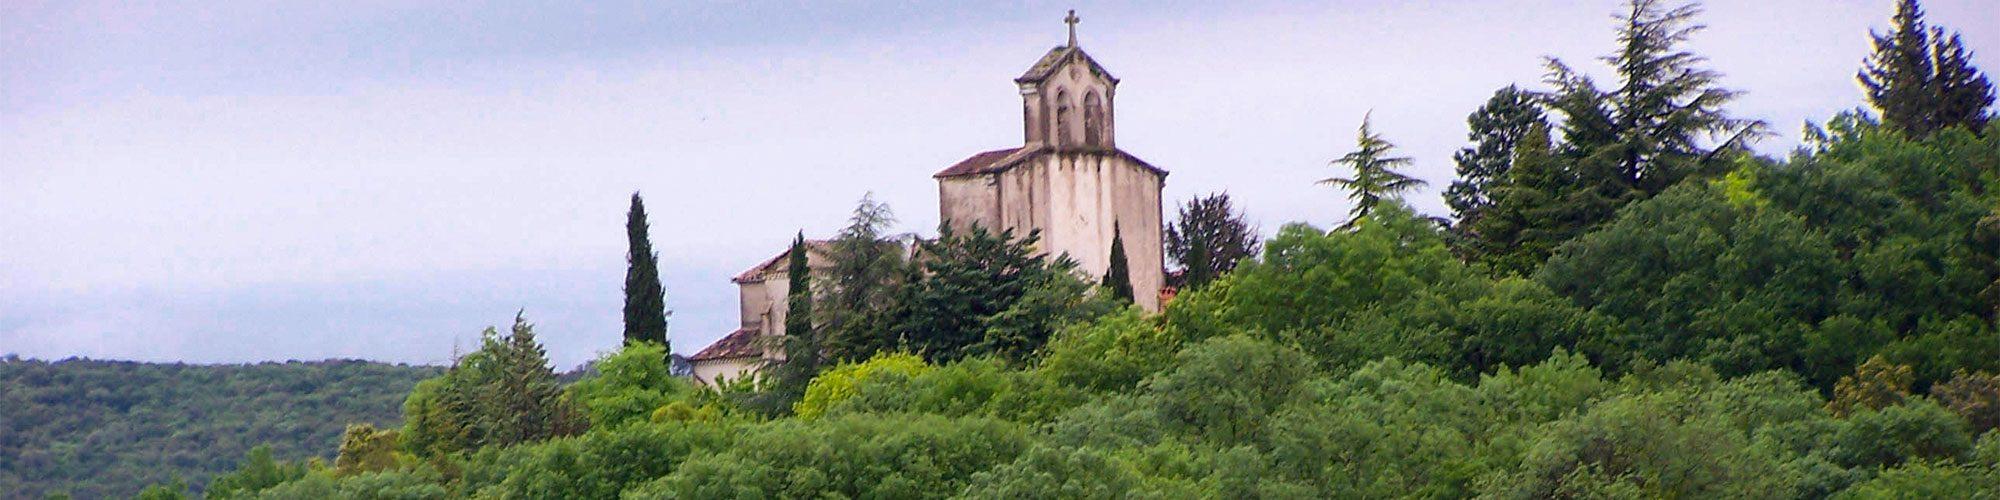 Brouzet-lès-Quissac